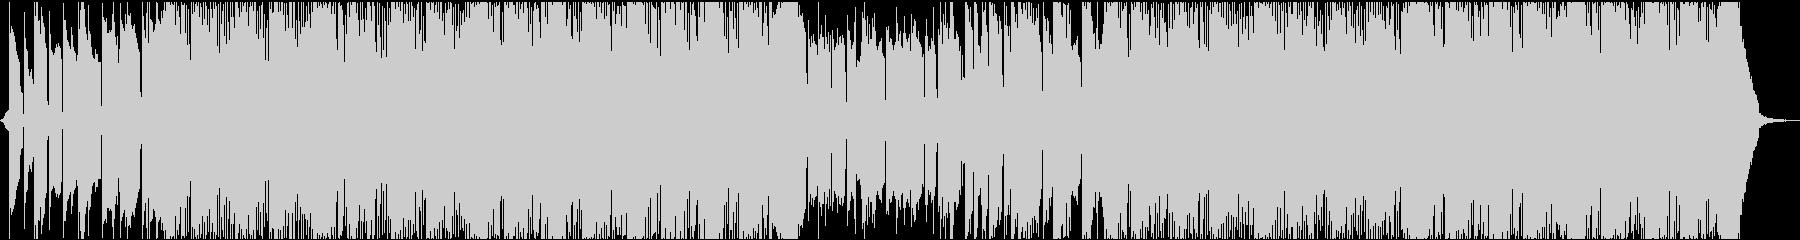 映像に合う無機質クールなBGMの未再生の波形